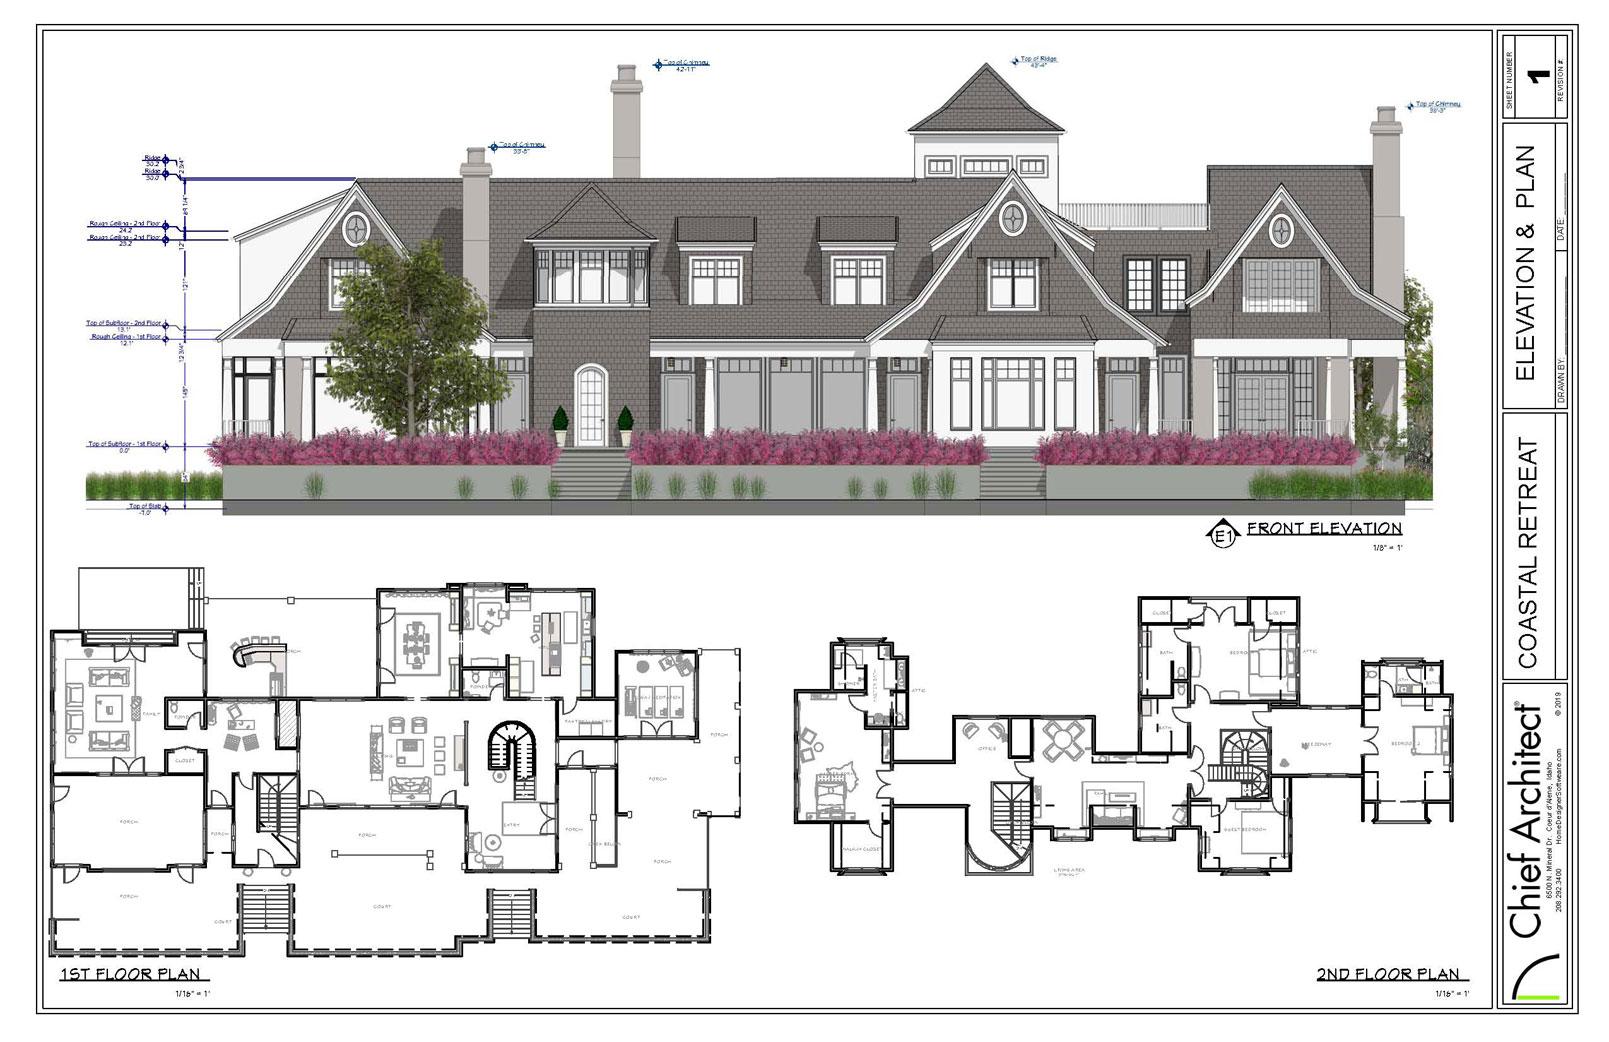 Design with Home Designer Professional 2022 v23.1.0.38